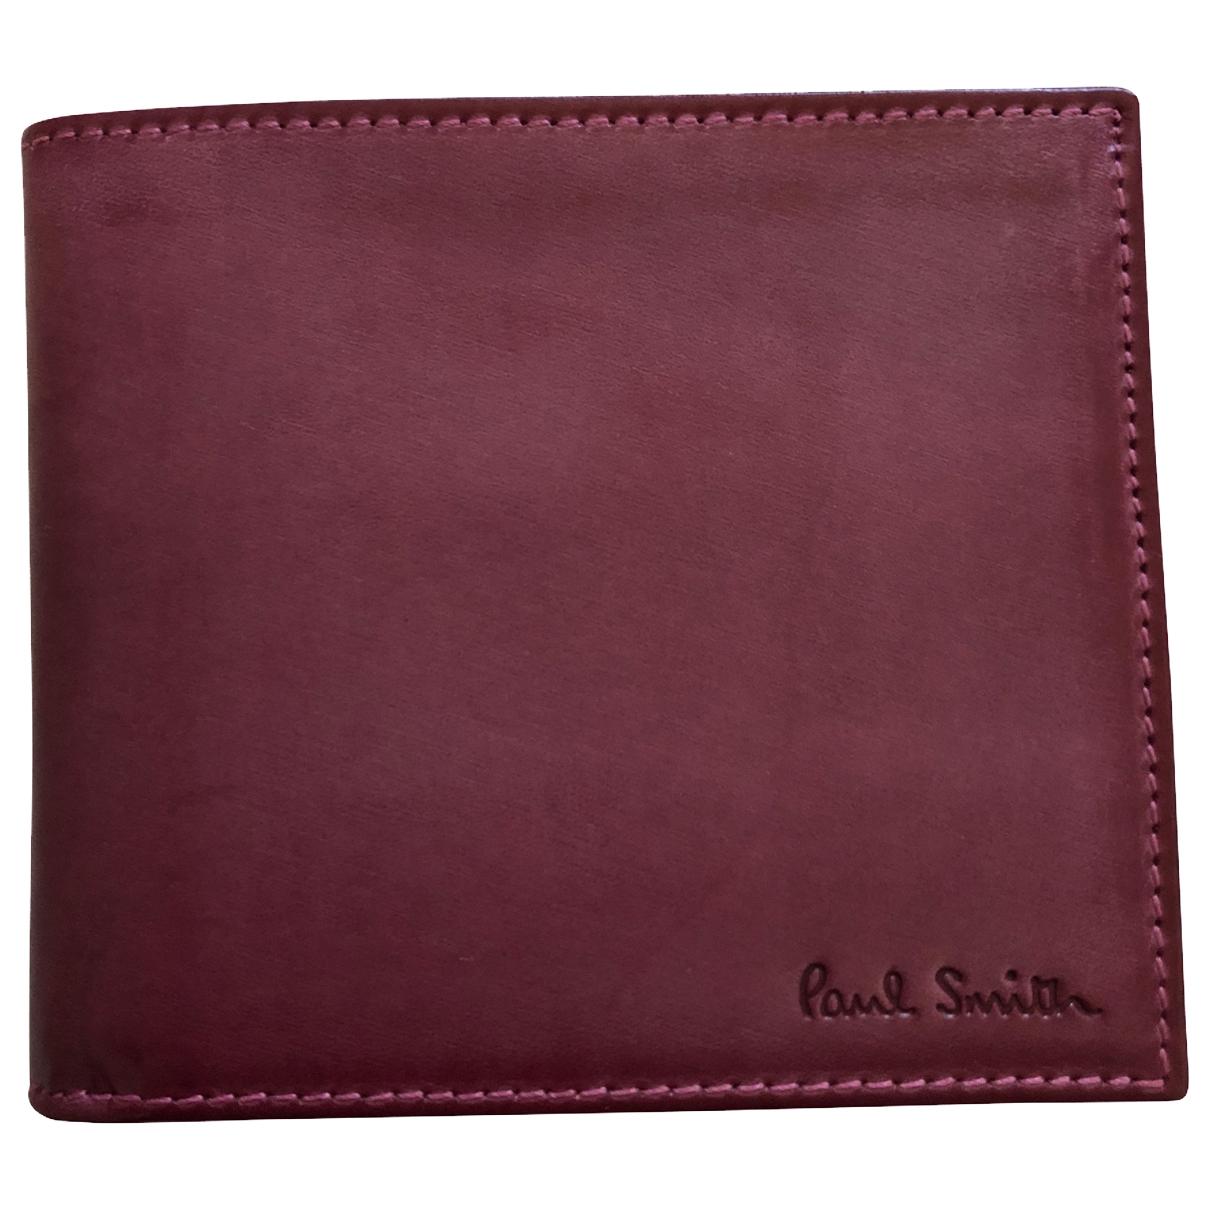 Paul Smith - Petite maroquinerie   pour homme en cuir